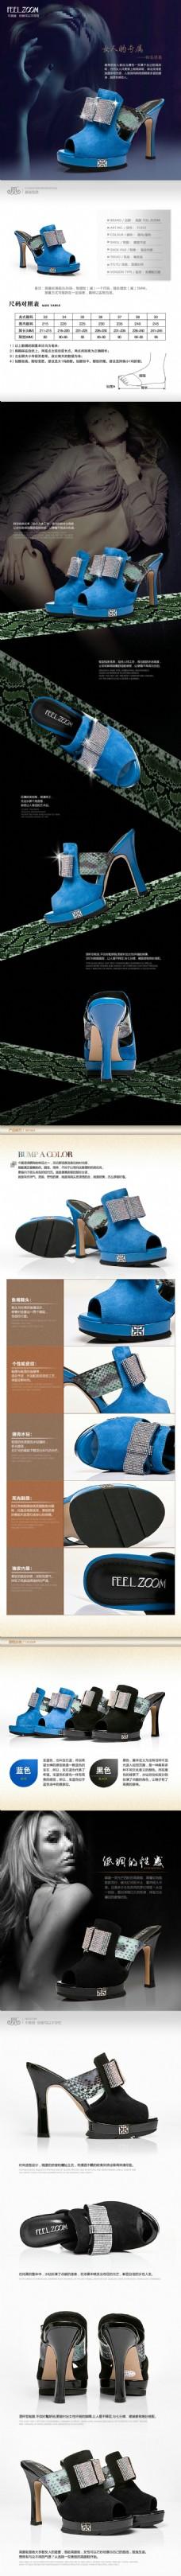 淘宝电商服装女士鞋业详情页设计模板